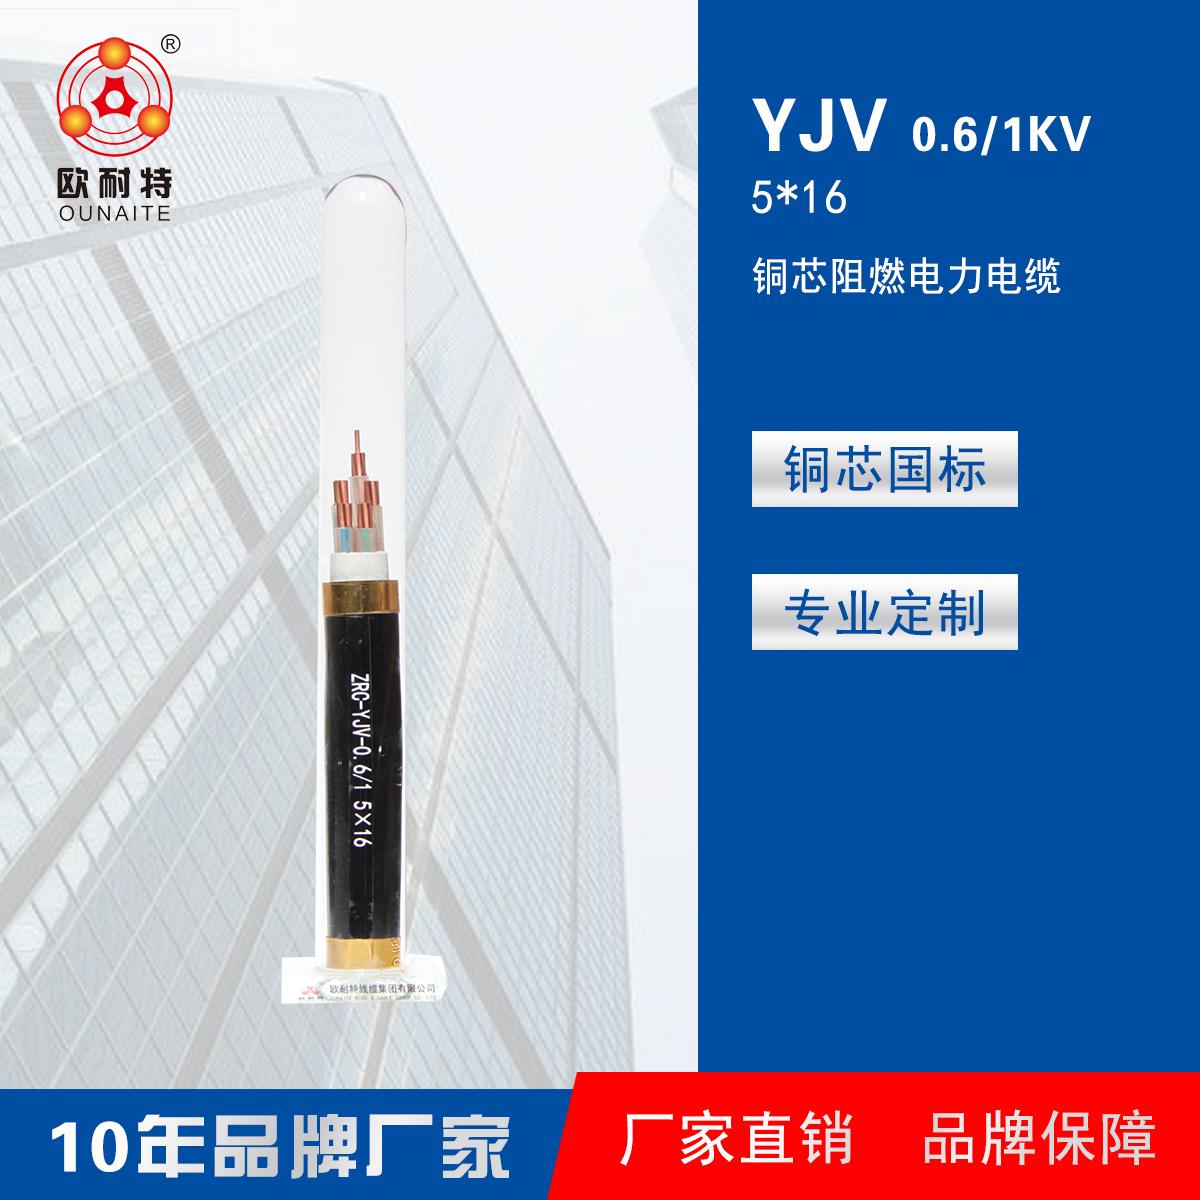 ZRC-YJV 0.6/1KV  5*16